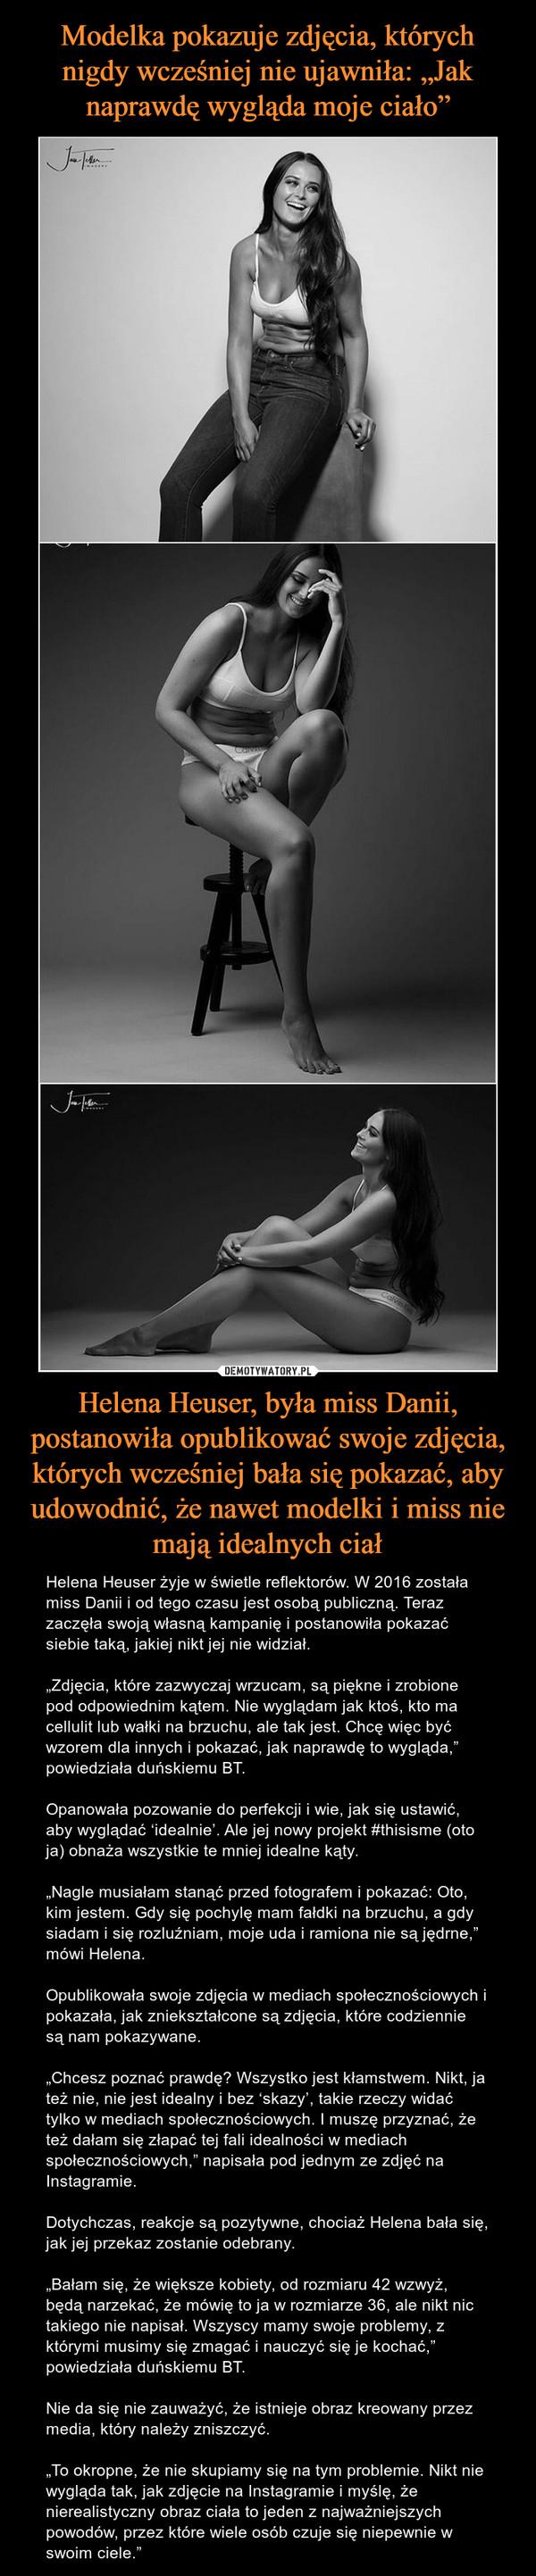 """Helena Heuser, była miss Danii, postanowiła opublikować swoje zdjęcia, których wcześniej bała się pokazać, aby udowodnić, że nawet modelki i miss nie mają idealnych ciał – Helena Heuser żyje w świetle reflektorów. W 2016 została miss Danii i od tego czasu jest osobą publiczną. Teraz zaczęła swoją własną kampanię i postanowiła pokazać siebie taką, jakiej nikt jej nie widział.""""Zdjęcia, które zazwyczaj wrzucam, są piękne i zrobione pod odpowiednim kątem. Nie wyglądam jak ktoś, kto ma cellulit lub wałki na brzuchu, ale tak jest. Chcę więc być wzorem dla innych i pokazać, jak naprawdę to wygląda,"""" powiedziała duńskiemu BT.Opanowała pozowanie do perfekcji i wie, jak się ustawić, aby wyglądać 'idealnie'. Ale jej nowy projekt #thisisme (oto ja) obnaża wszystkie te mniej idealne kąty.""""Nagle musiałam stanąć przed fotografem i pokazać: Oto, kim jestem. Gdy się pochylę mam fałdki na brzuchu, a gdy siadam i się rozluźniam, moje uda i ramiona nie są jędrne,"""" mówi Helena. Opublikowała swoje zdjęcia w mediach społecznościowych i pokazała, jak zniekształcone są zdjęcia, które codziennie są nam pokazywane.""""Chcesz poznać prawdę? Wszystko jest kłamstwem. Nikt, ja też nie, nie jest idealny i bez 'skazy', takie rzeczy widać tylko w mediach społecznościowych. I muszę przyznać, że też dałam się złapać tej fali idealności w mediach społecznościowych,"""" napisała pod jednym ze zdjęć na Instagramie.Dotychczas, reakcje są pozytywne, chociaż Helena bała się, jak jej przekaz zostanie odebrany.""""Bałam się, że większe kobiety, od rozmiaru 42 wzwyż, będą narzekać, że mówię to ja w rozmiarze 36, ale nikt nic takiego nie napisał. Wszyscy mamy swoje problemy, z którymi musimy się zmagać i nauczyć się je kochać,"""" powiedziała duńskiemu BT.Nie da się nie zauważyć, że istnieje obraz kreowany przez media, który należy zniszczyć.""""To okropne, że nie skupiamy się na tym problemie. Nikt nie wygląda tak, jak zdjęcie na Instagramie i myślę, że nierealistyczny obraz ciała to jeden z najważniejszych powodów, przez kt"""